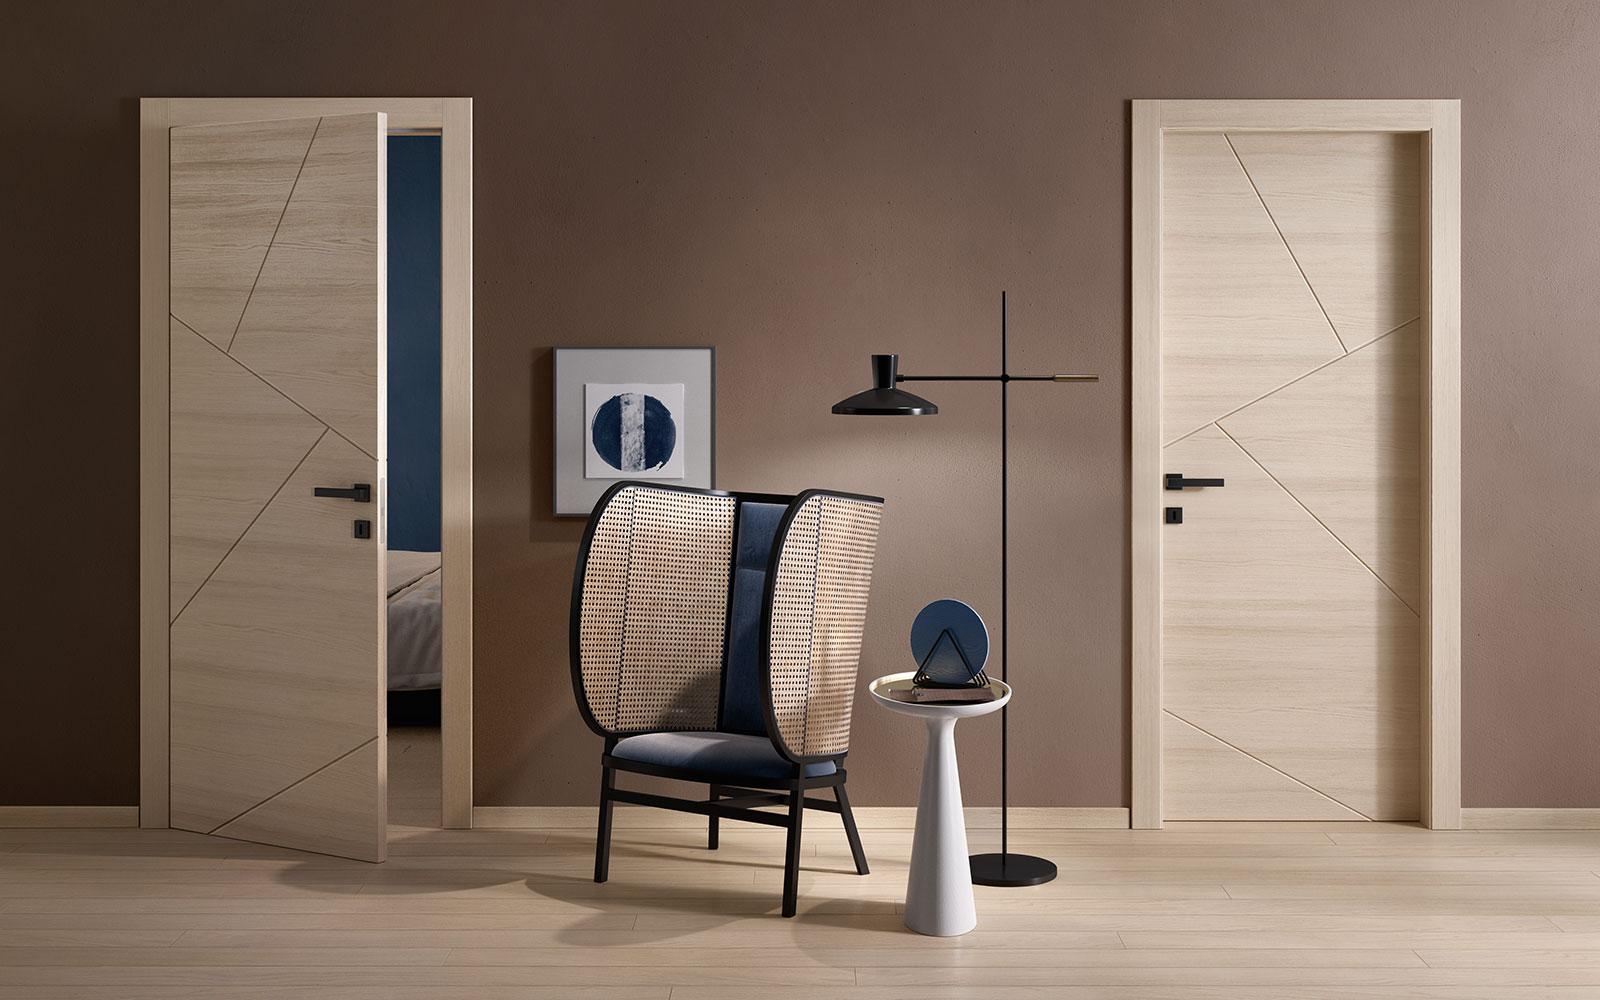 Porte moderne in legno con decoro geometrico - Garofoli